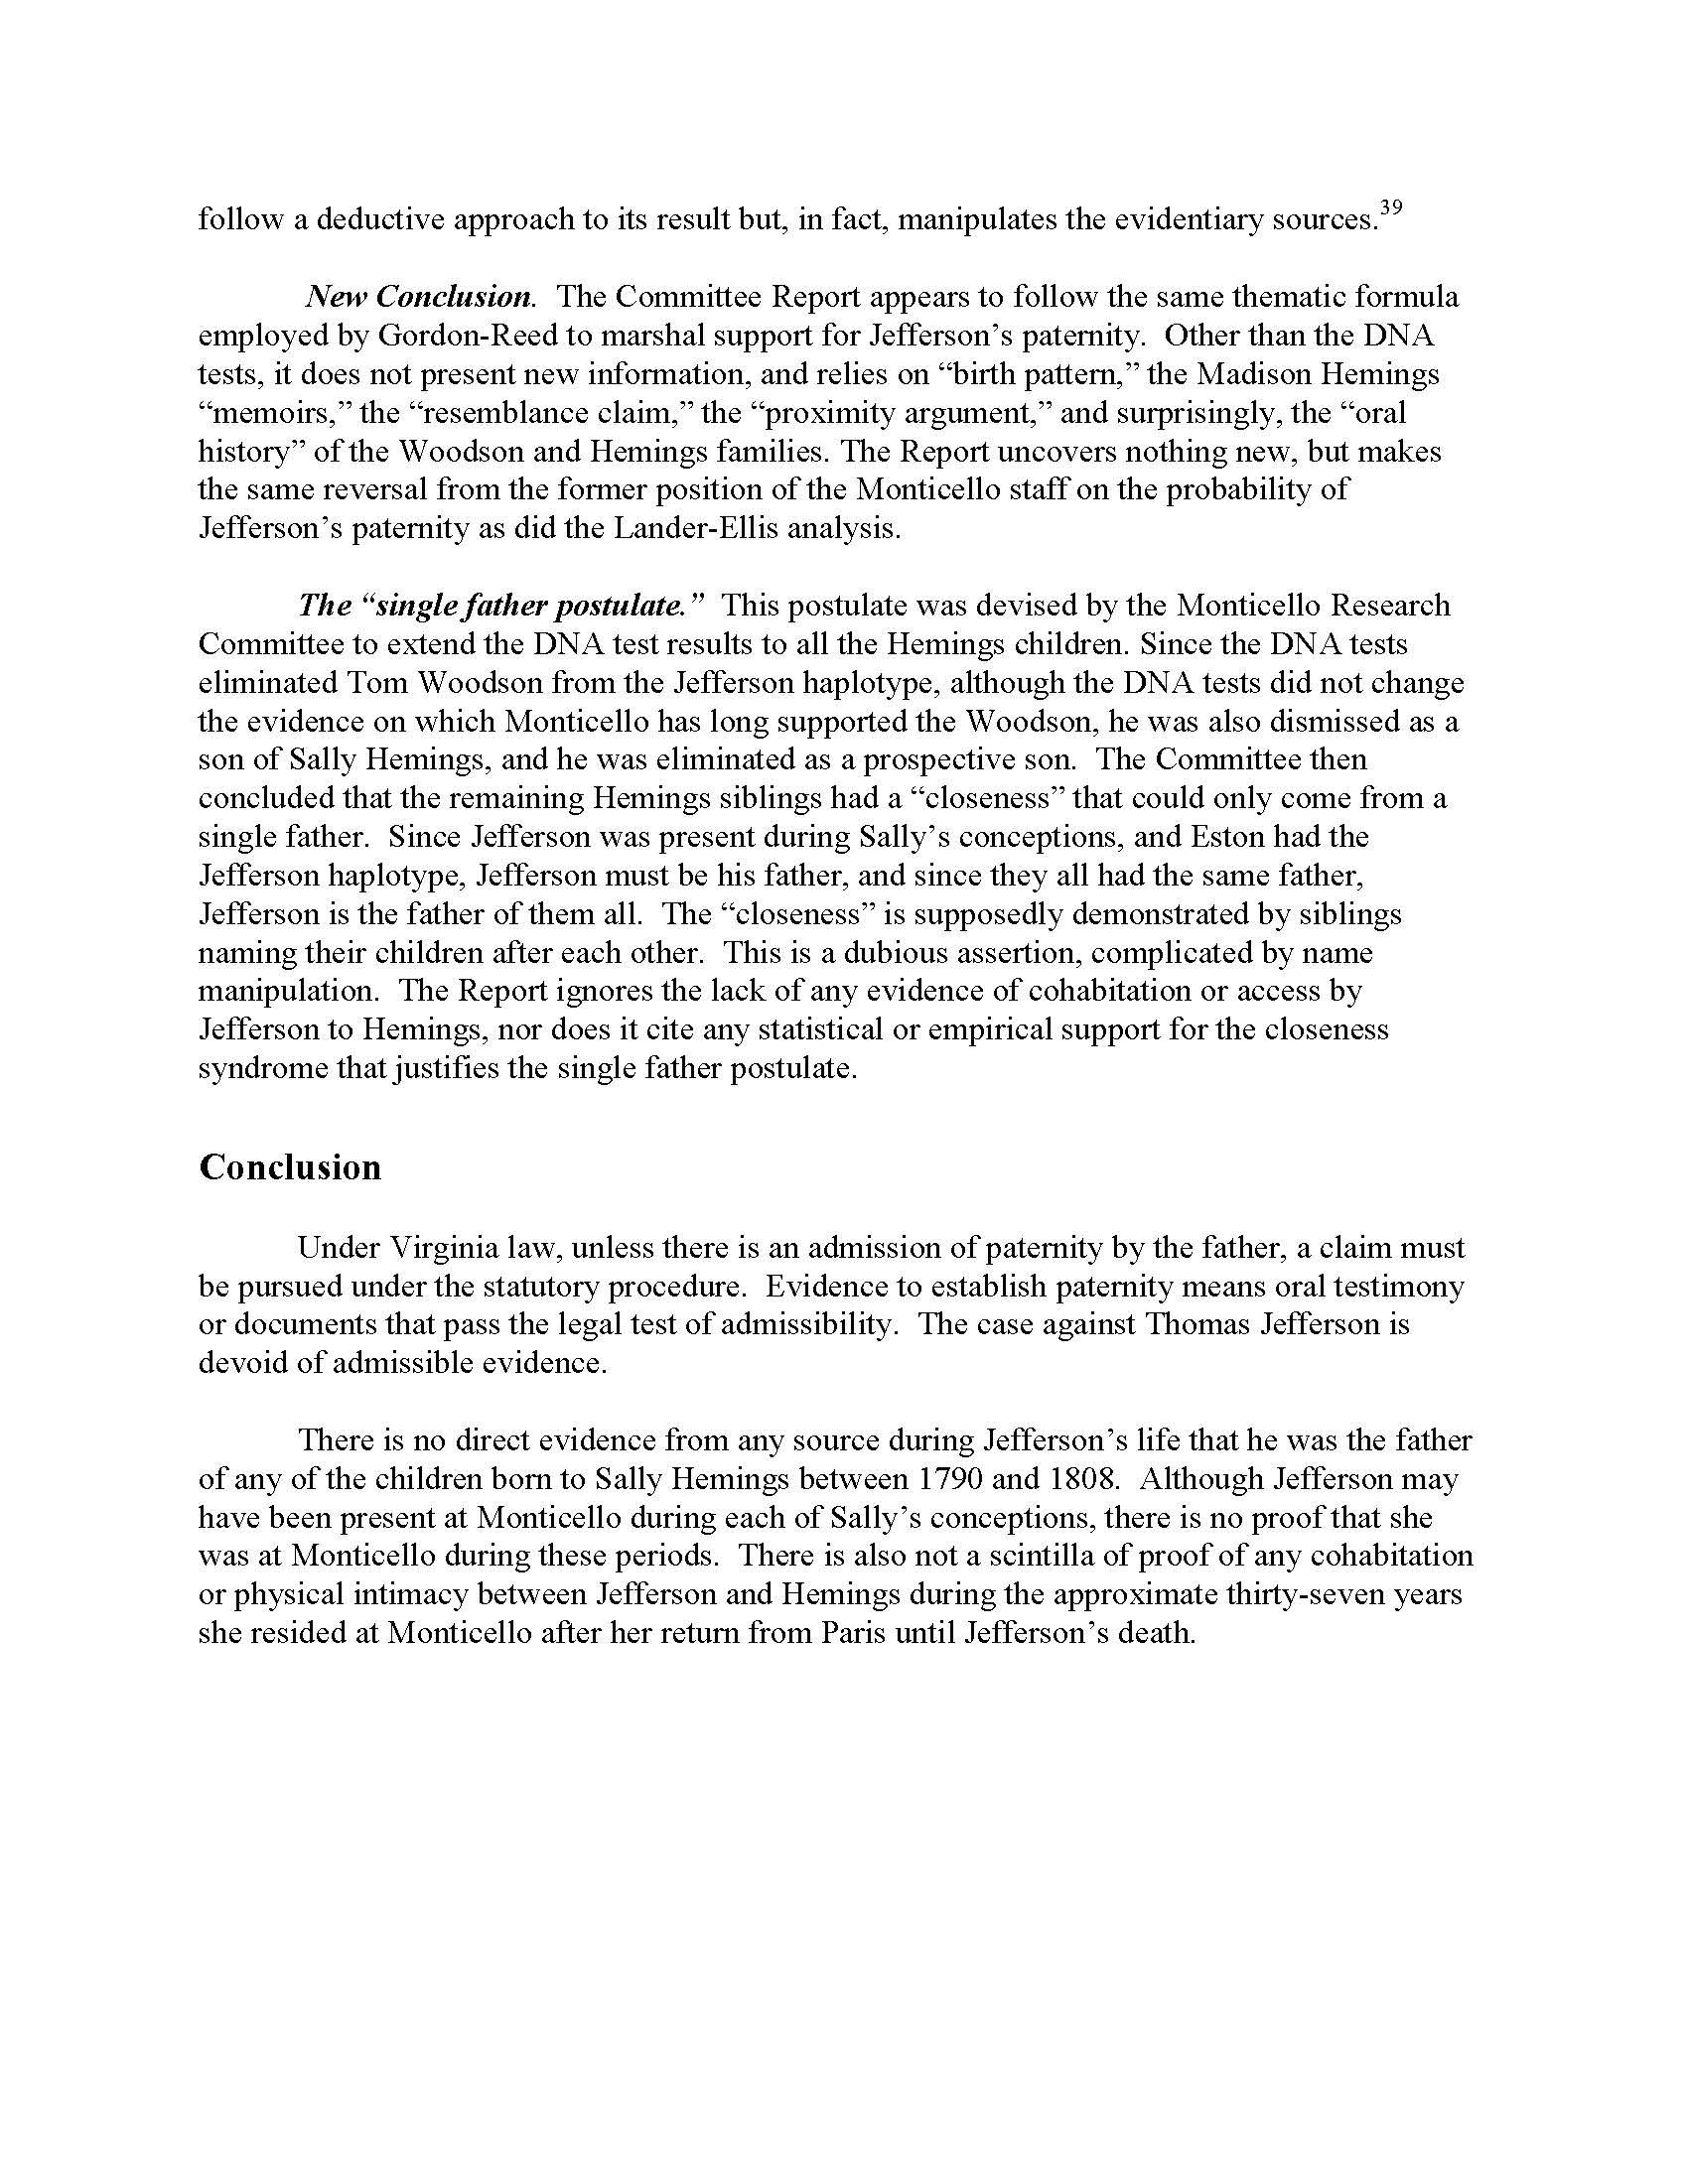 TrialAnalysis_Page_21.jpg